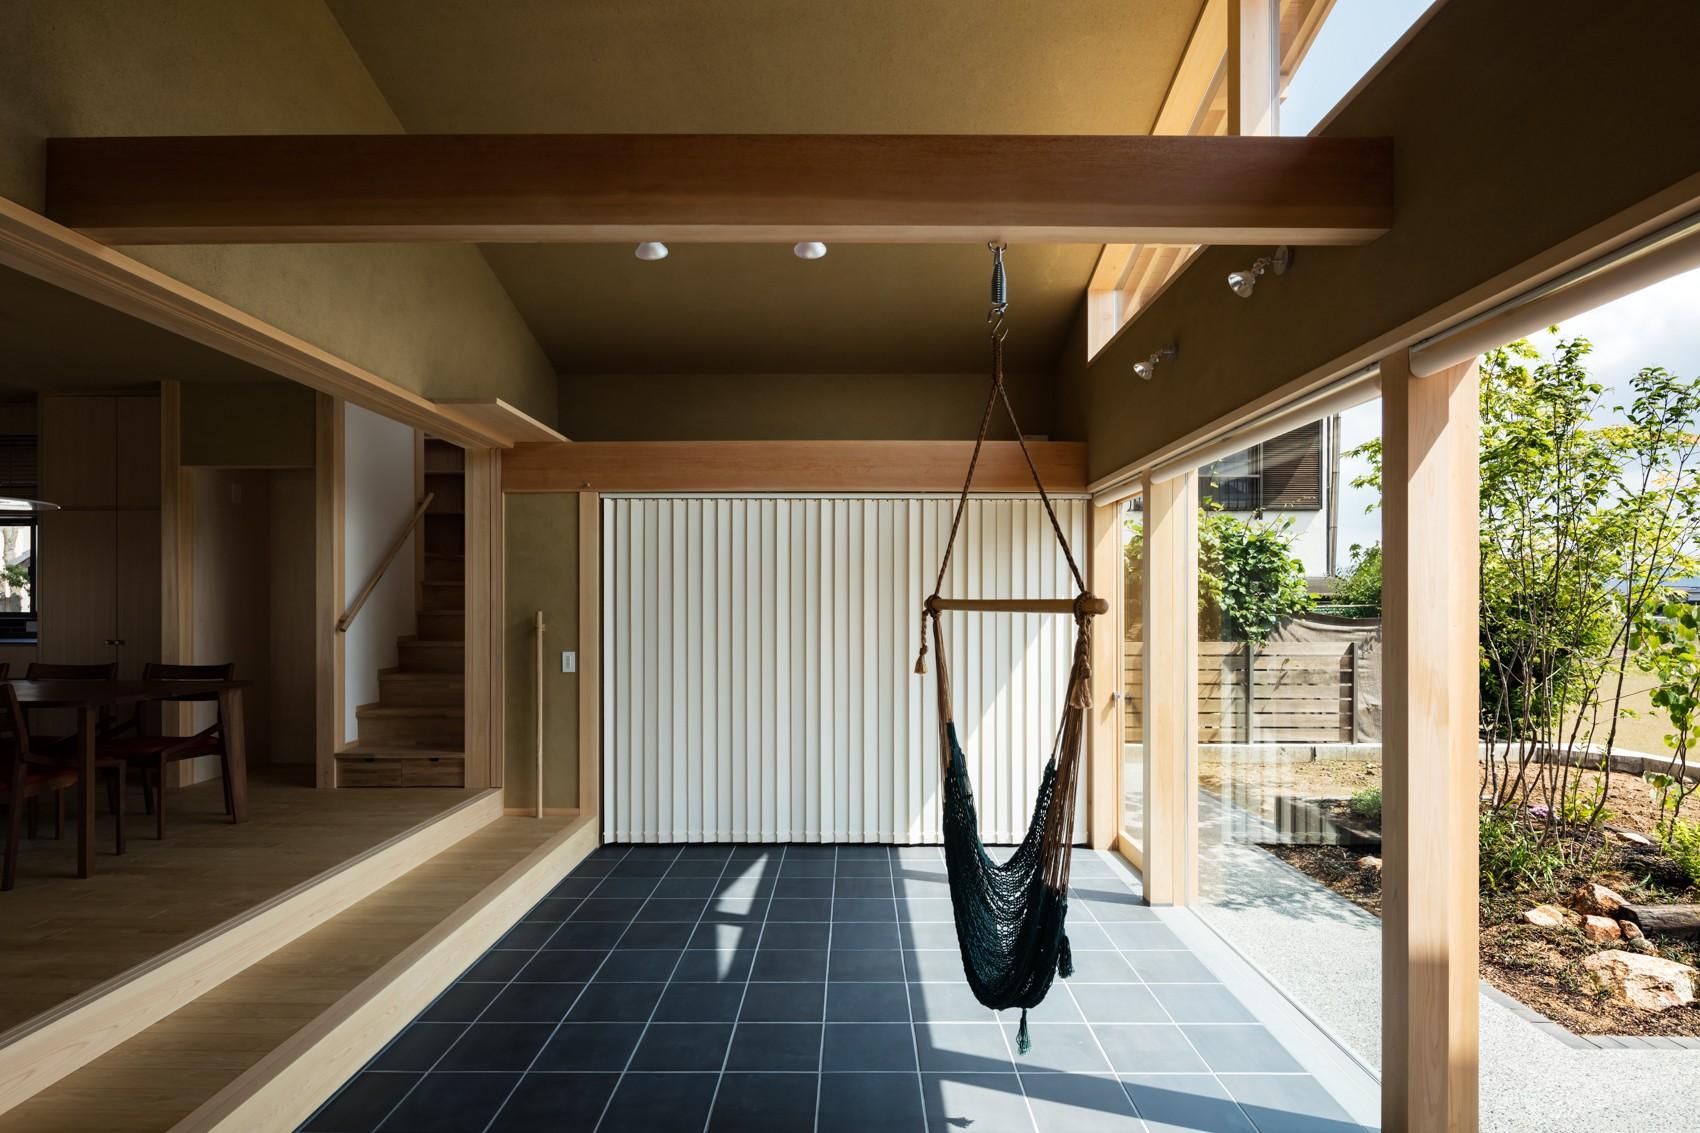 玄関事例:多目的に利用できるゆったりとした土間玄関(眺望とお庭を楽しむ|火のある暮らしを楽しむ住まい 天理の家)